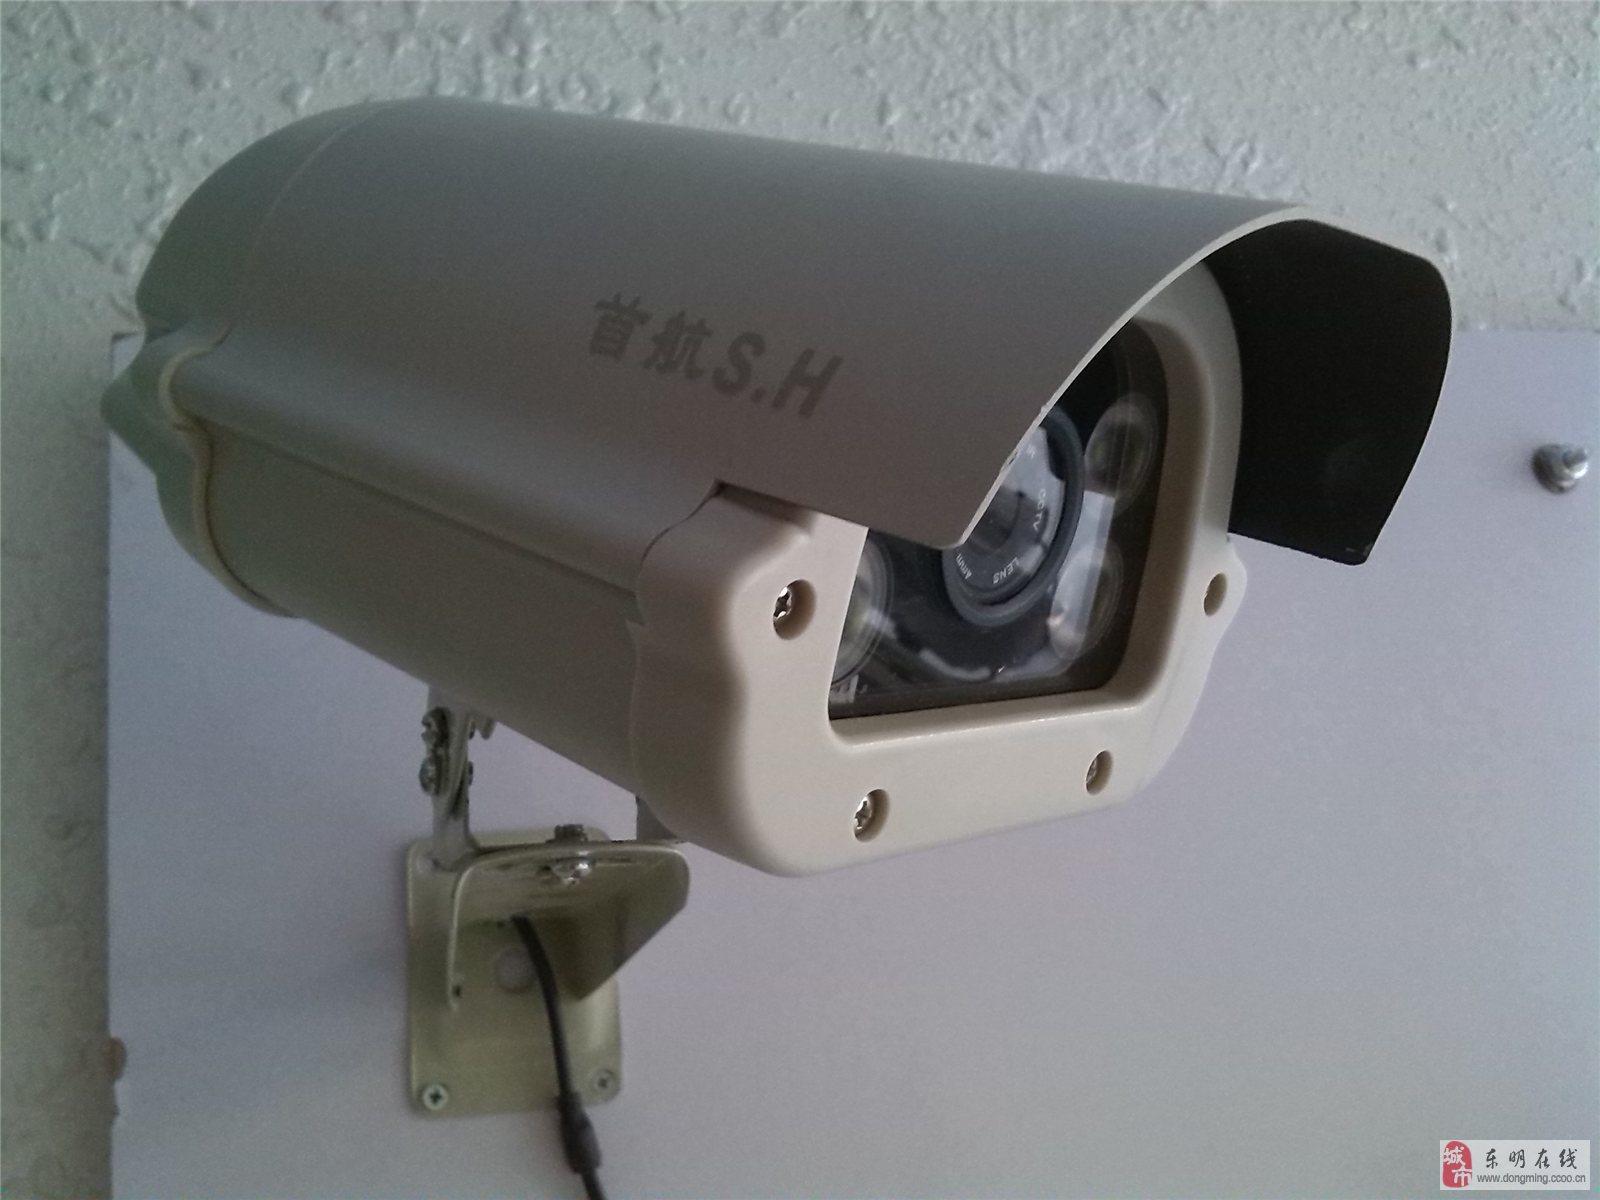 出售监控摄像头